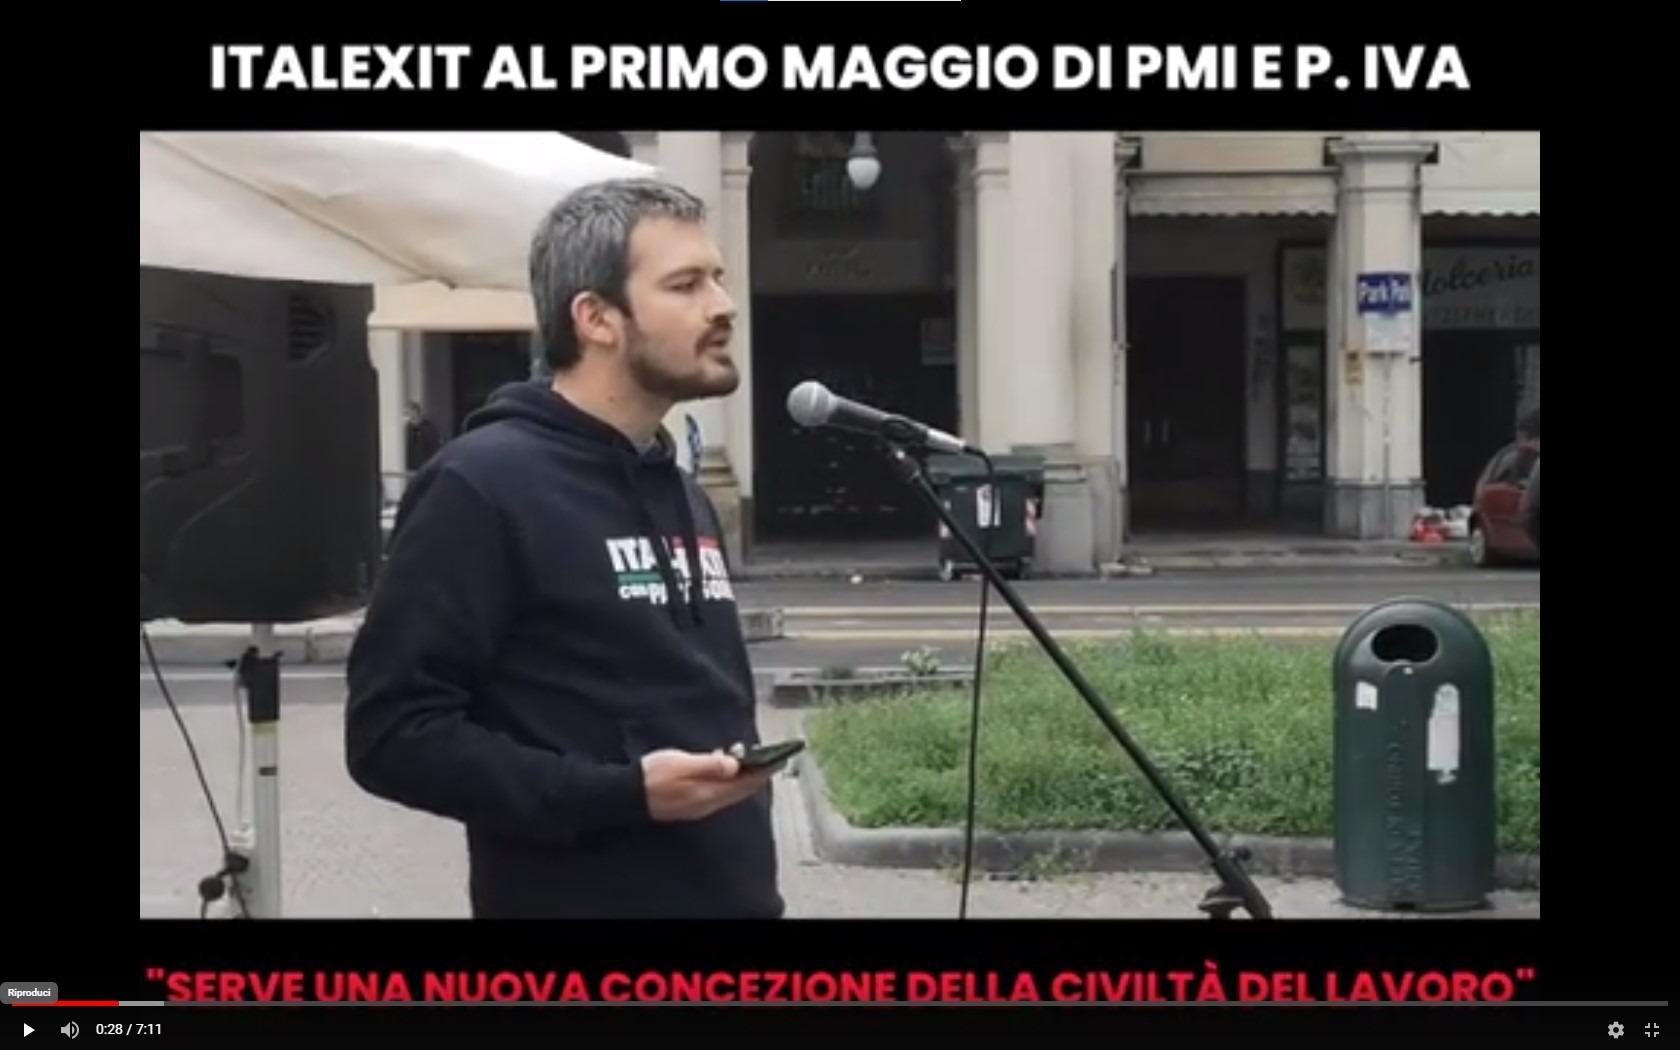 - LA NEWSLETTER DI APRILE '21 DI ITALEXIT PIEMONTE -